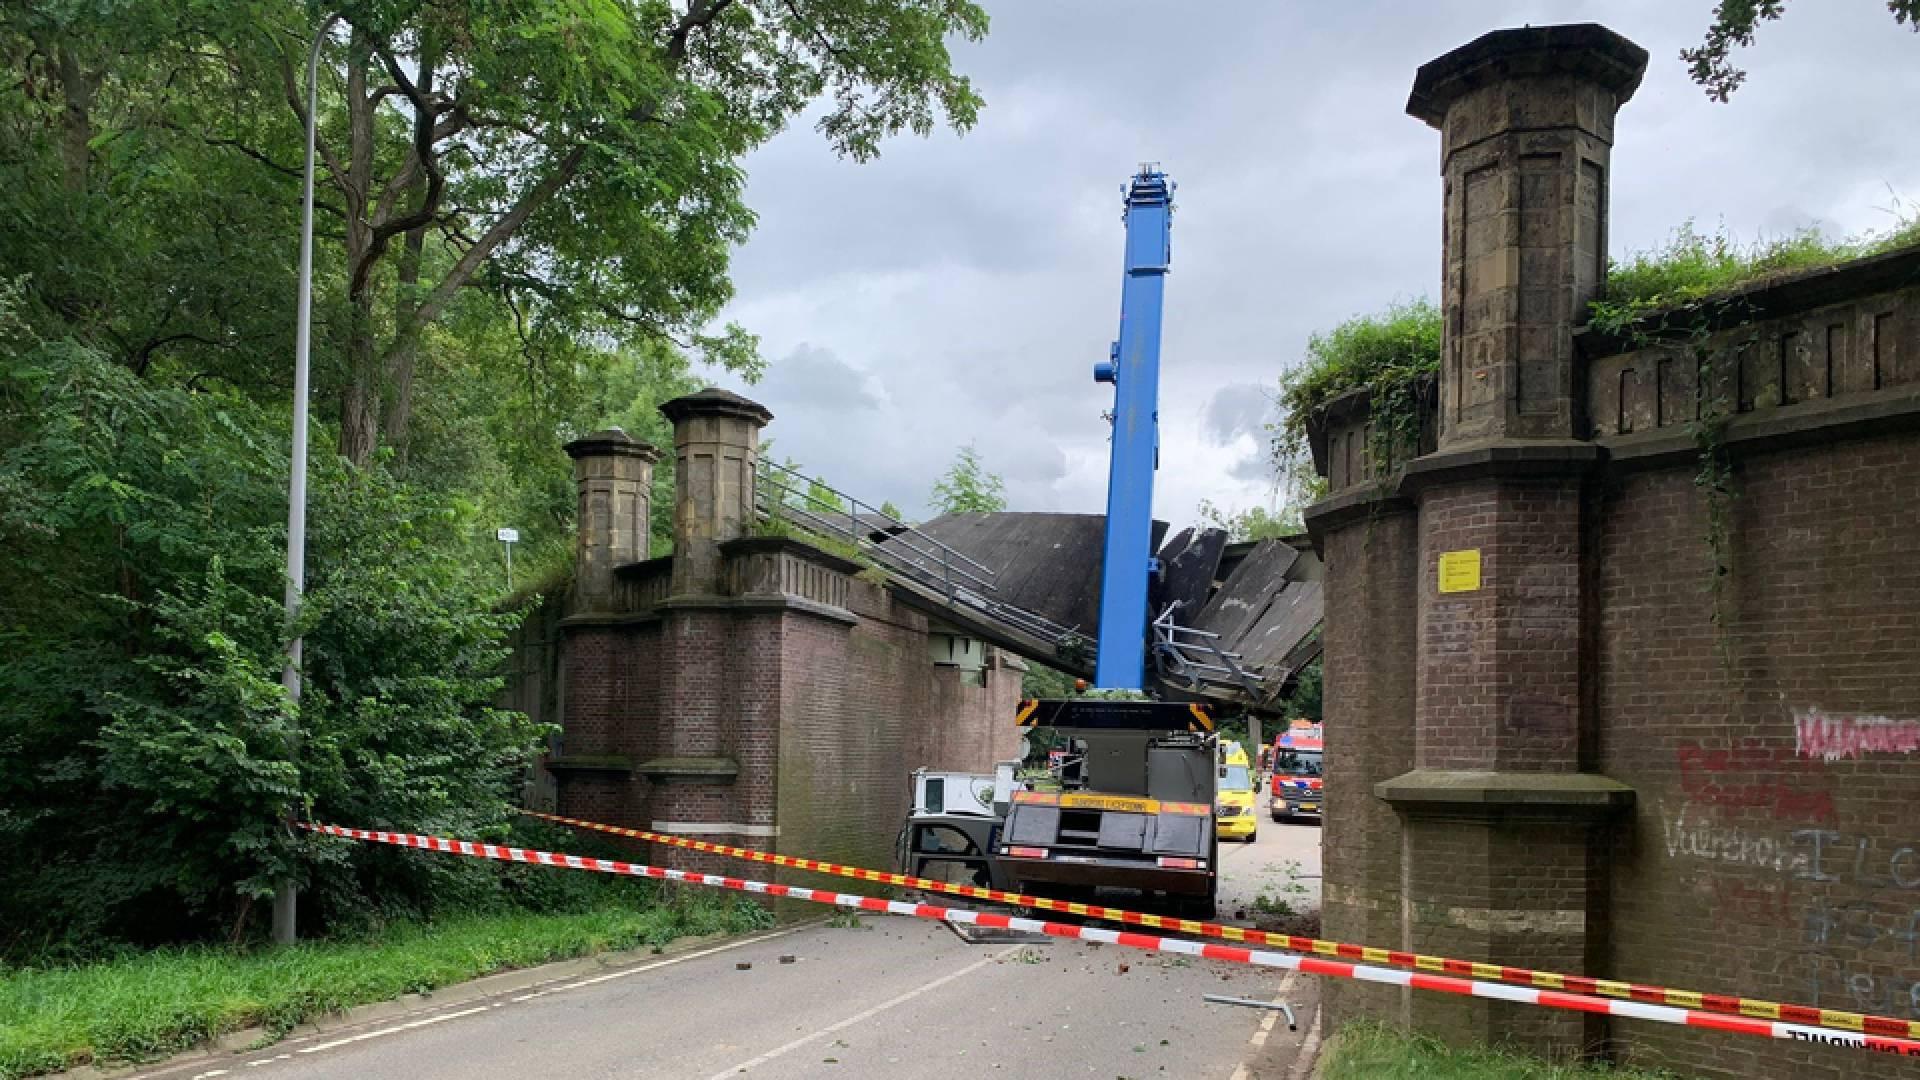 В Нидерландах подъемный кран разрушил мост XIX века. Он был памятником национального значения